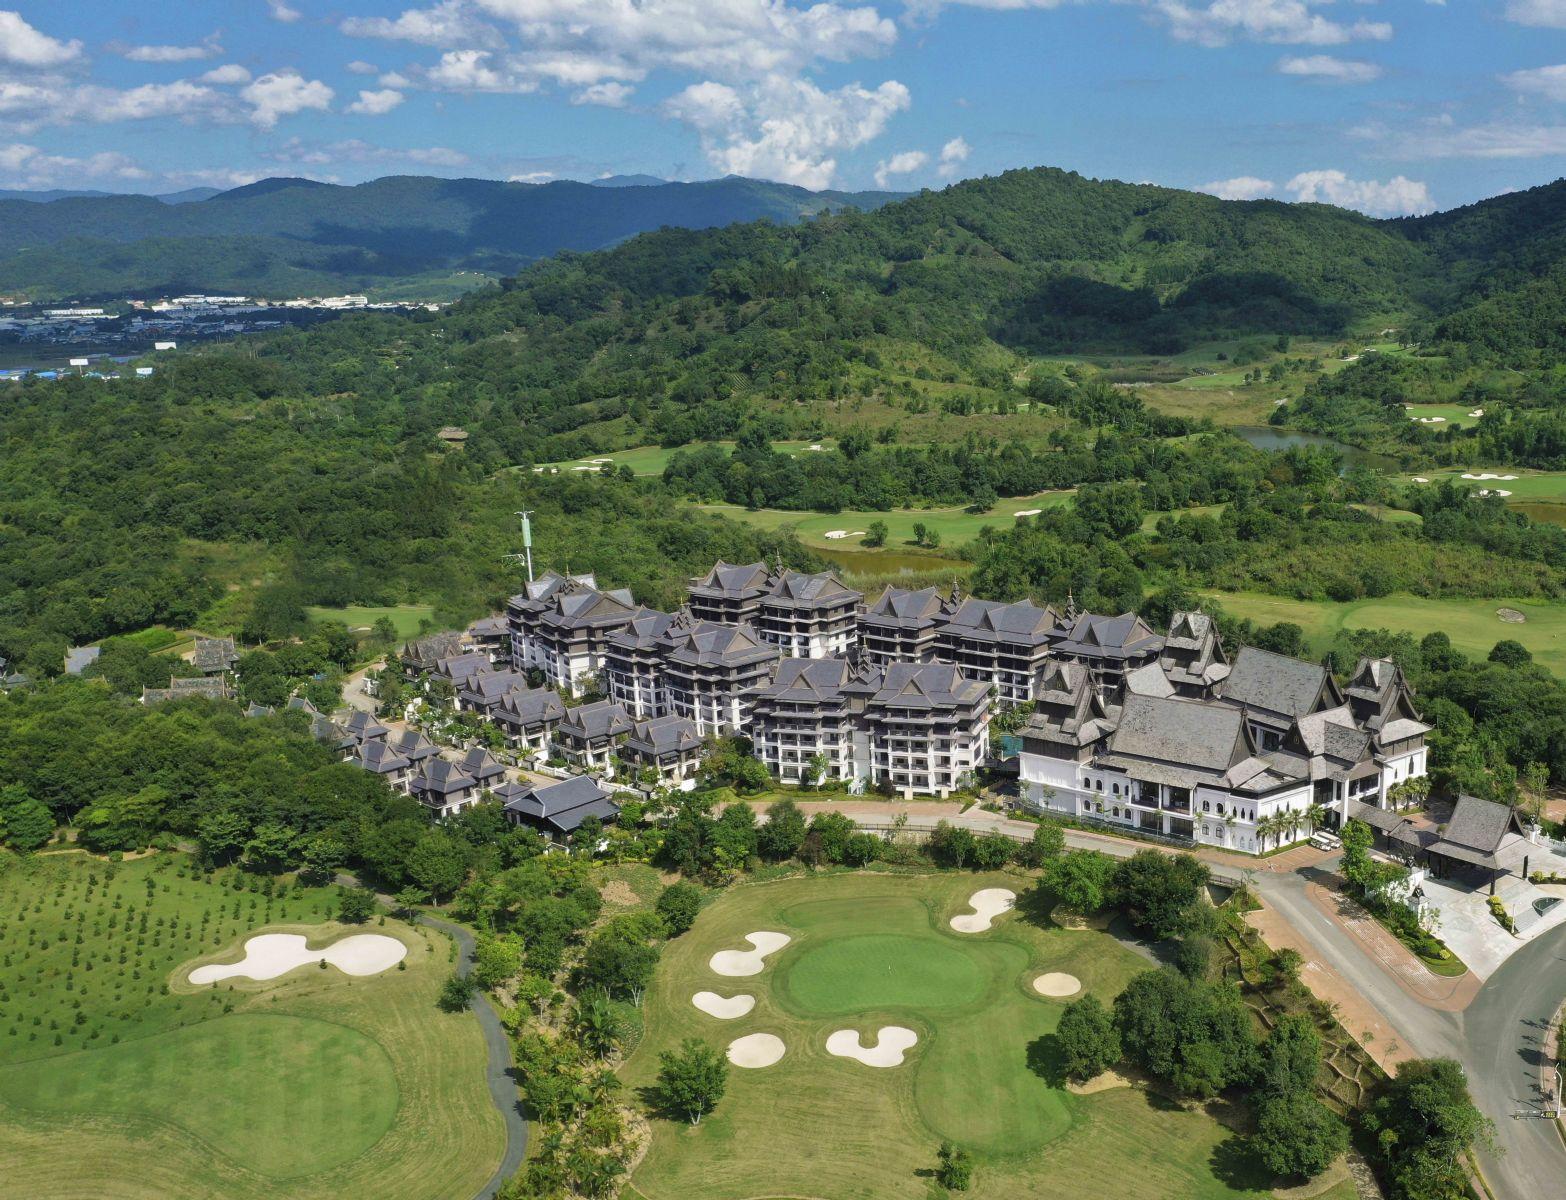 悦椿温泉度假酒店坐落于西双版纳州勐海县浩宇勐巴拉国际旅游度假区内